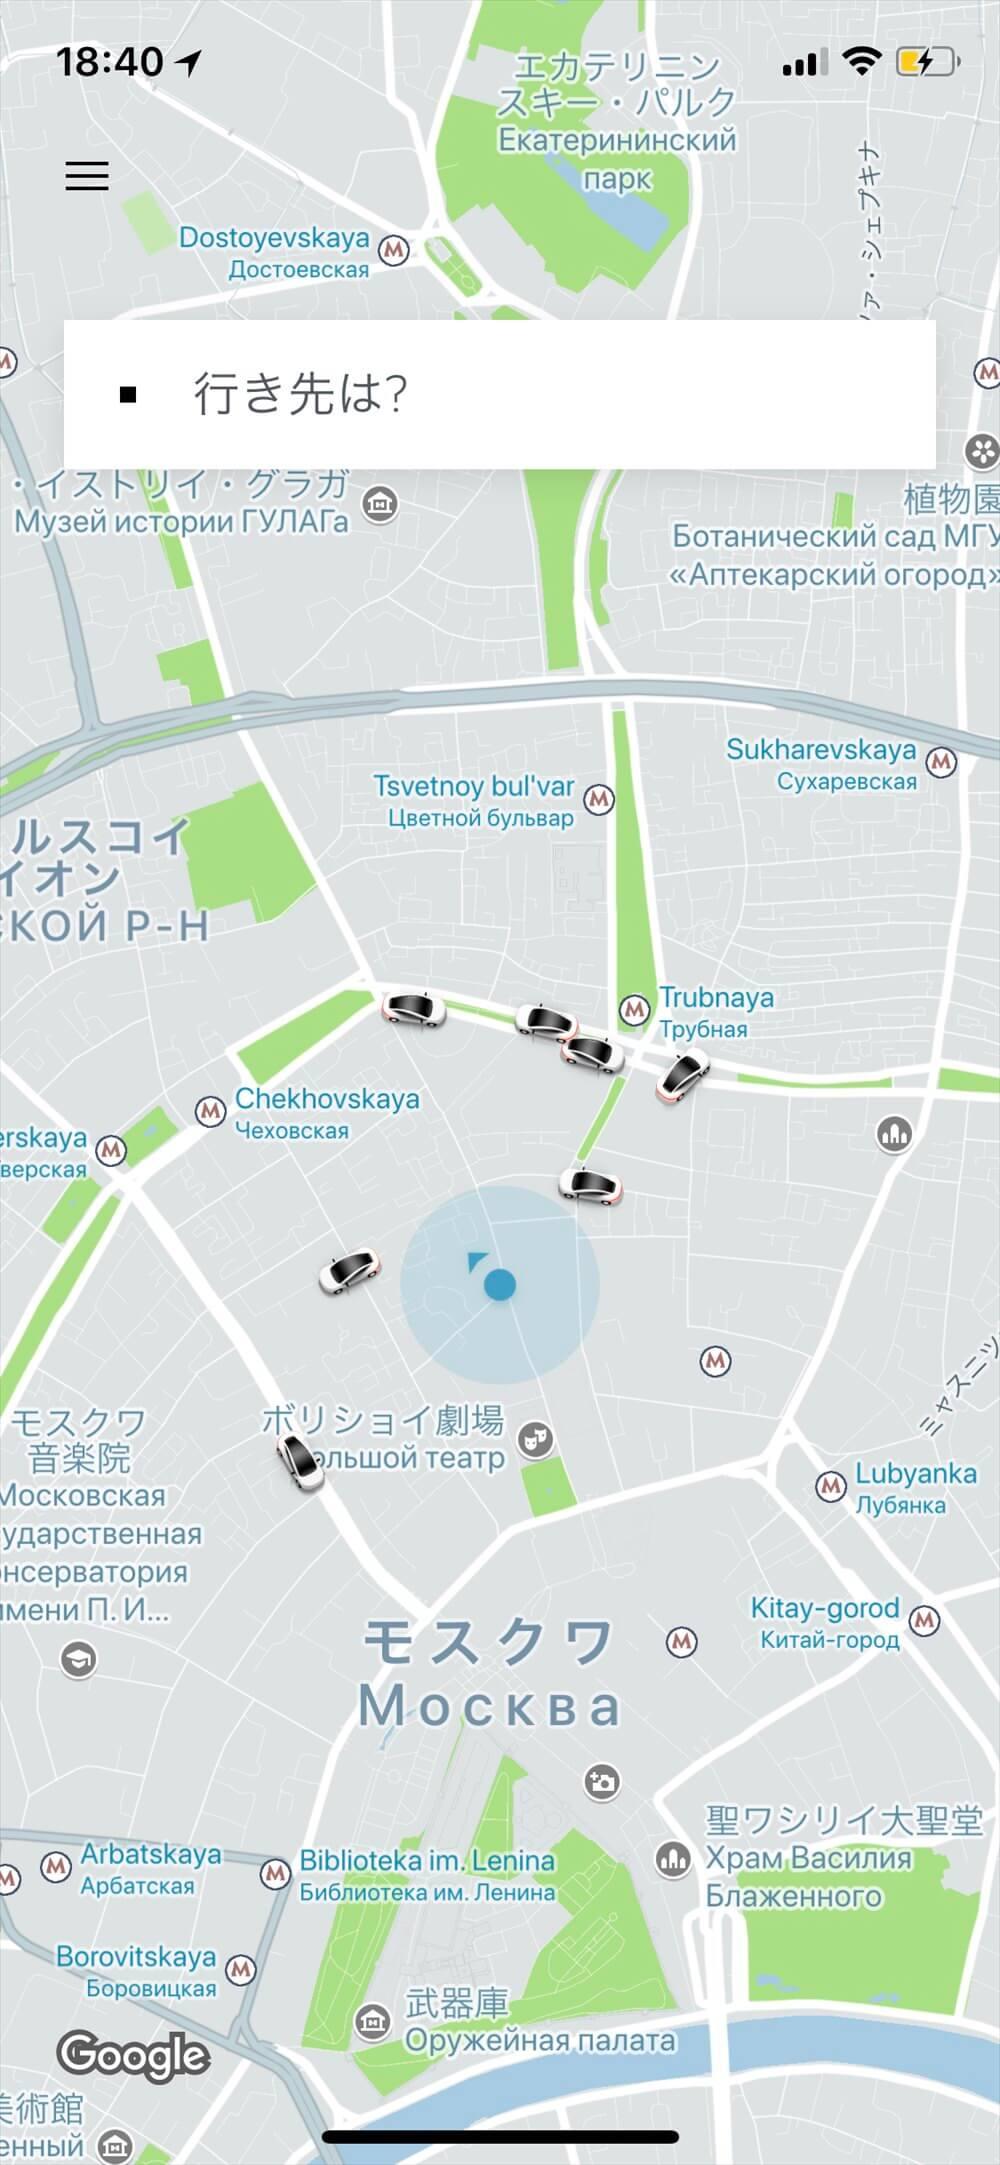 モスクワのUber状況